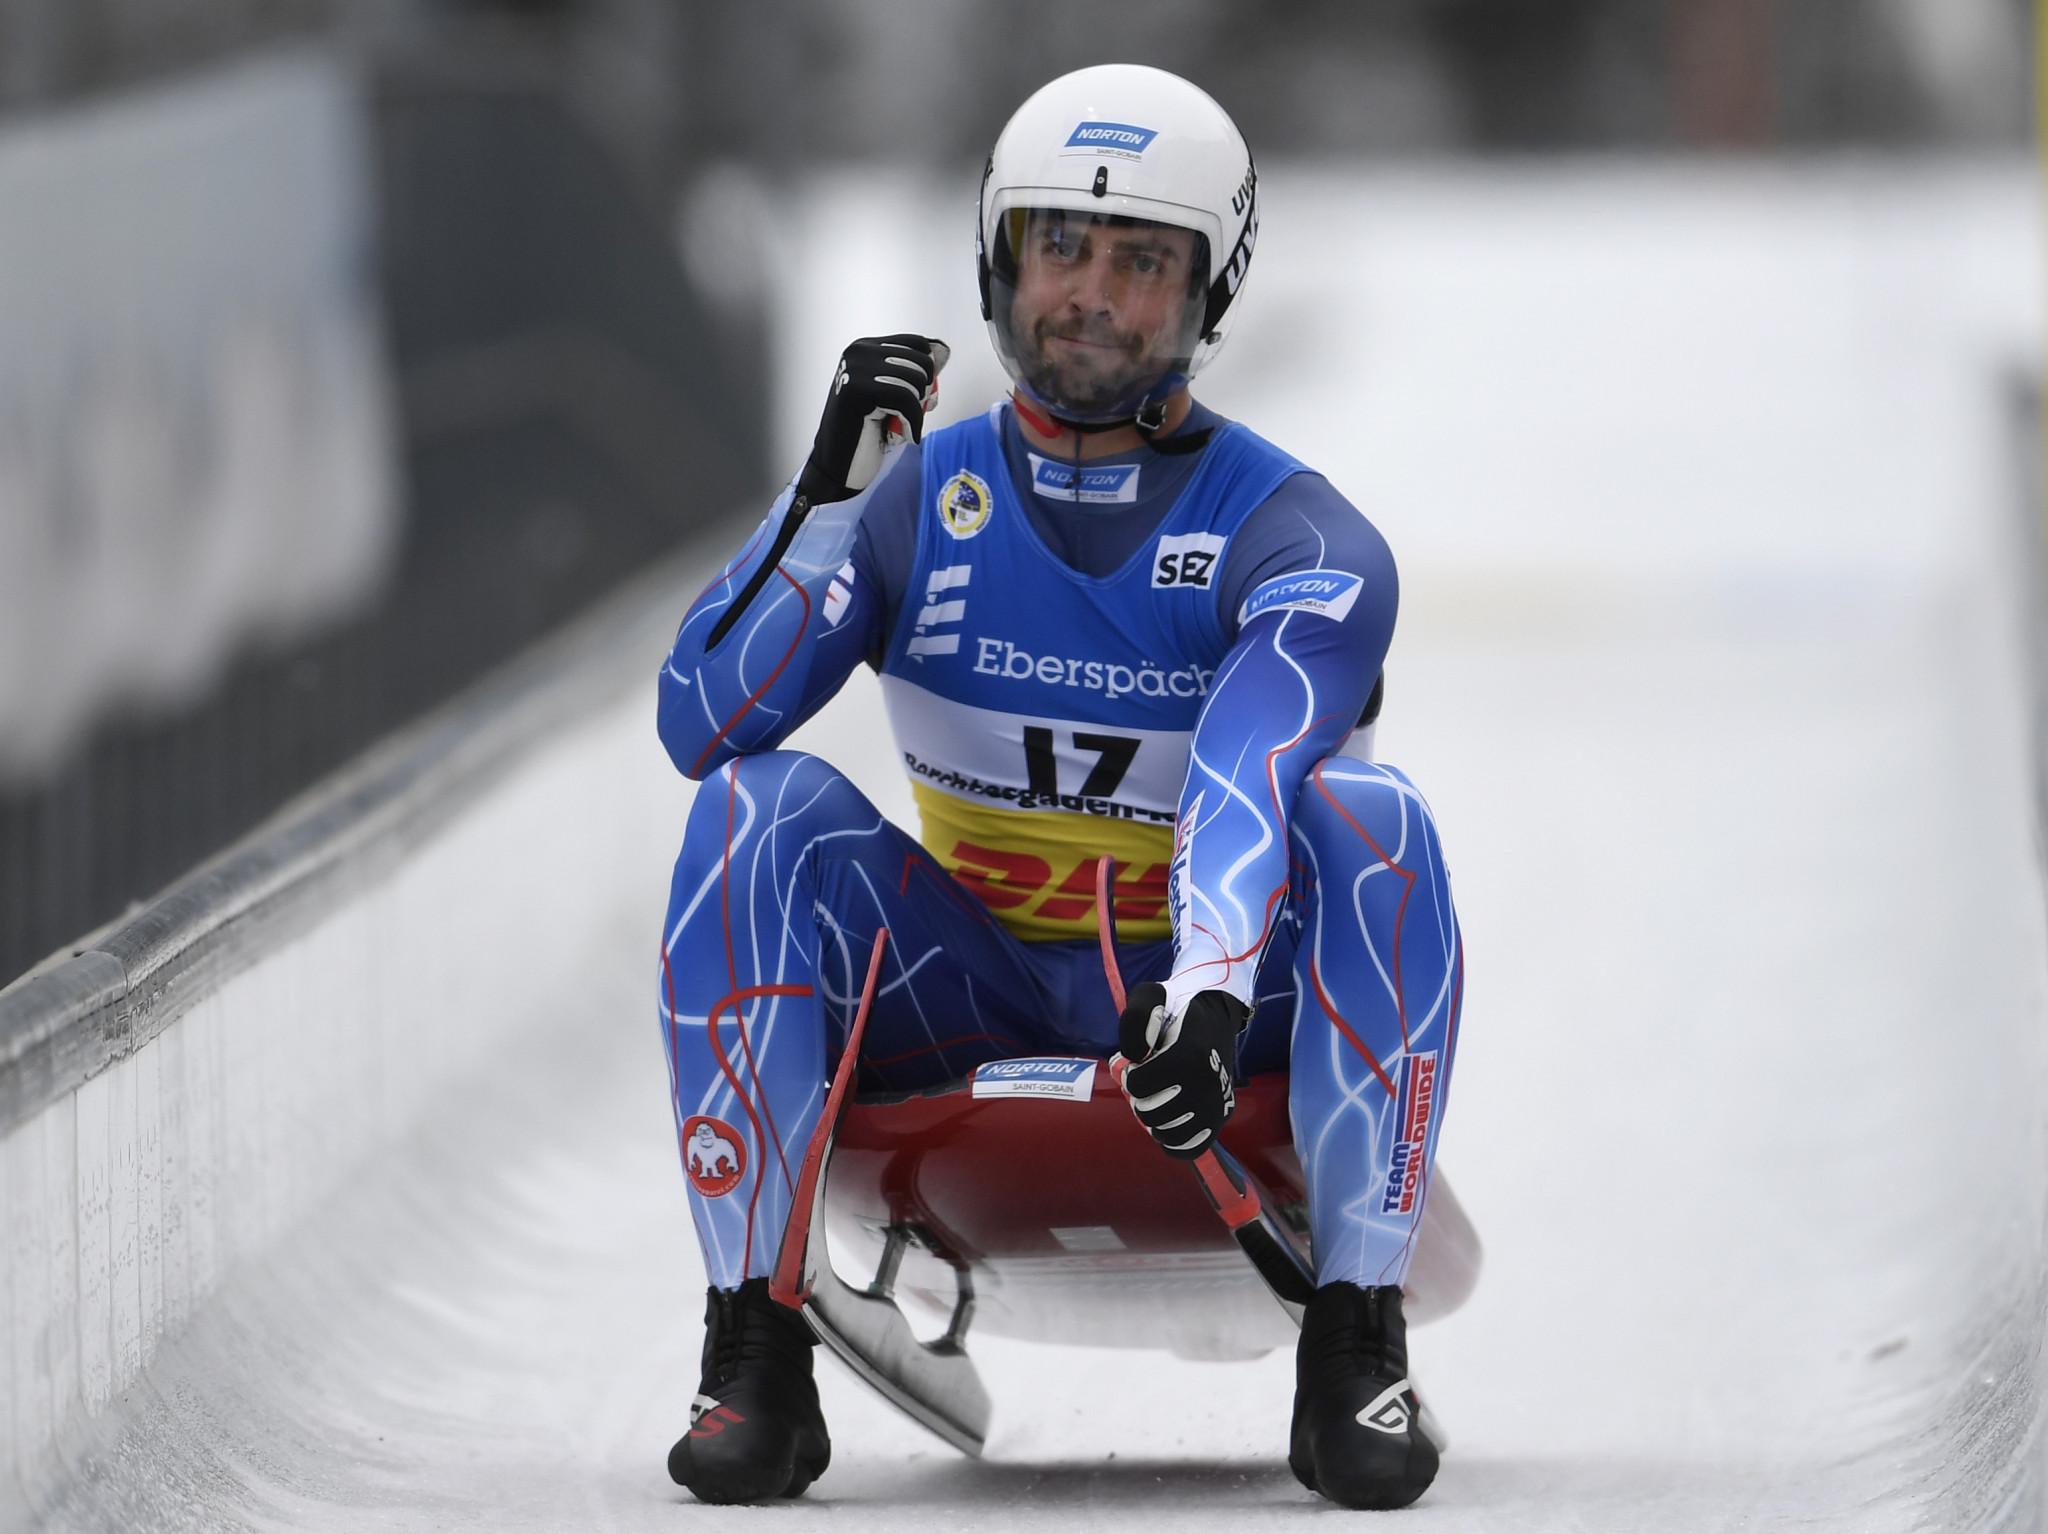 """Olympic luge medallist Mazdzer breaks foot in """"few places"""" in training run"""